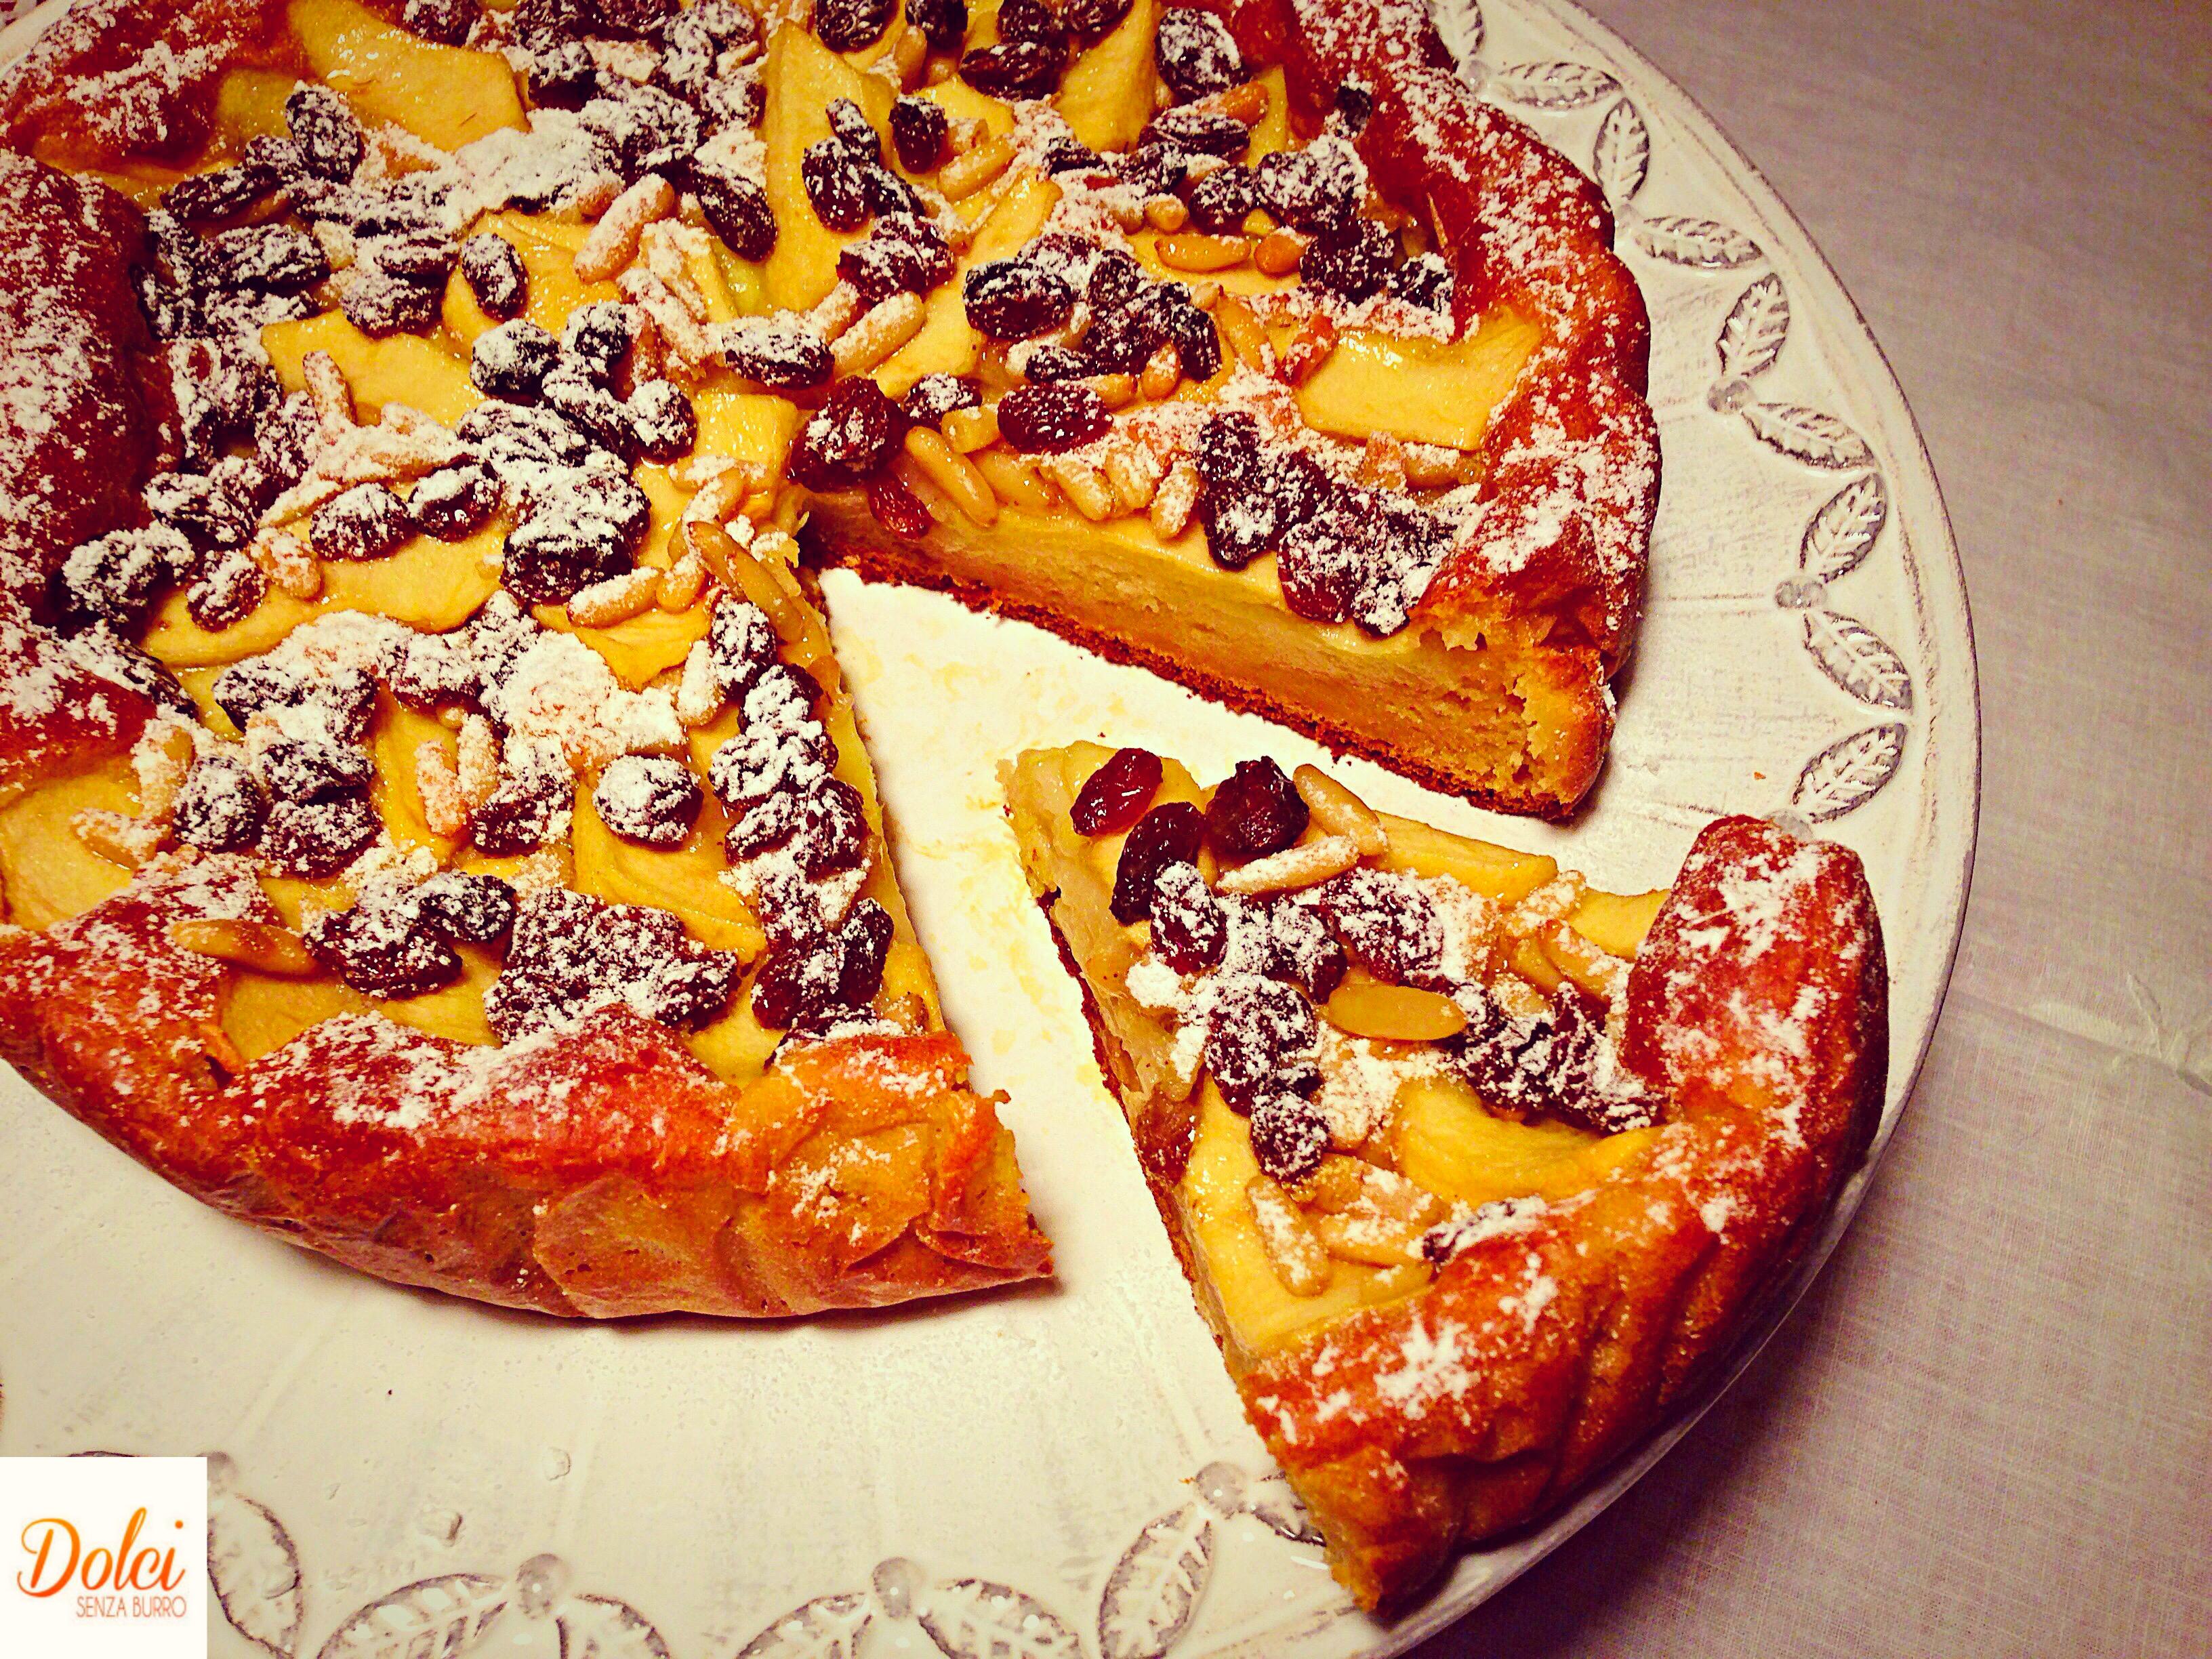 Torta di Mele e Uvetta Senza Burro, la variante dello strudel in torta di dolci senza burro